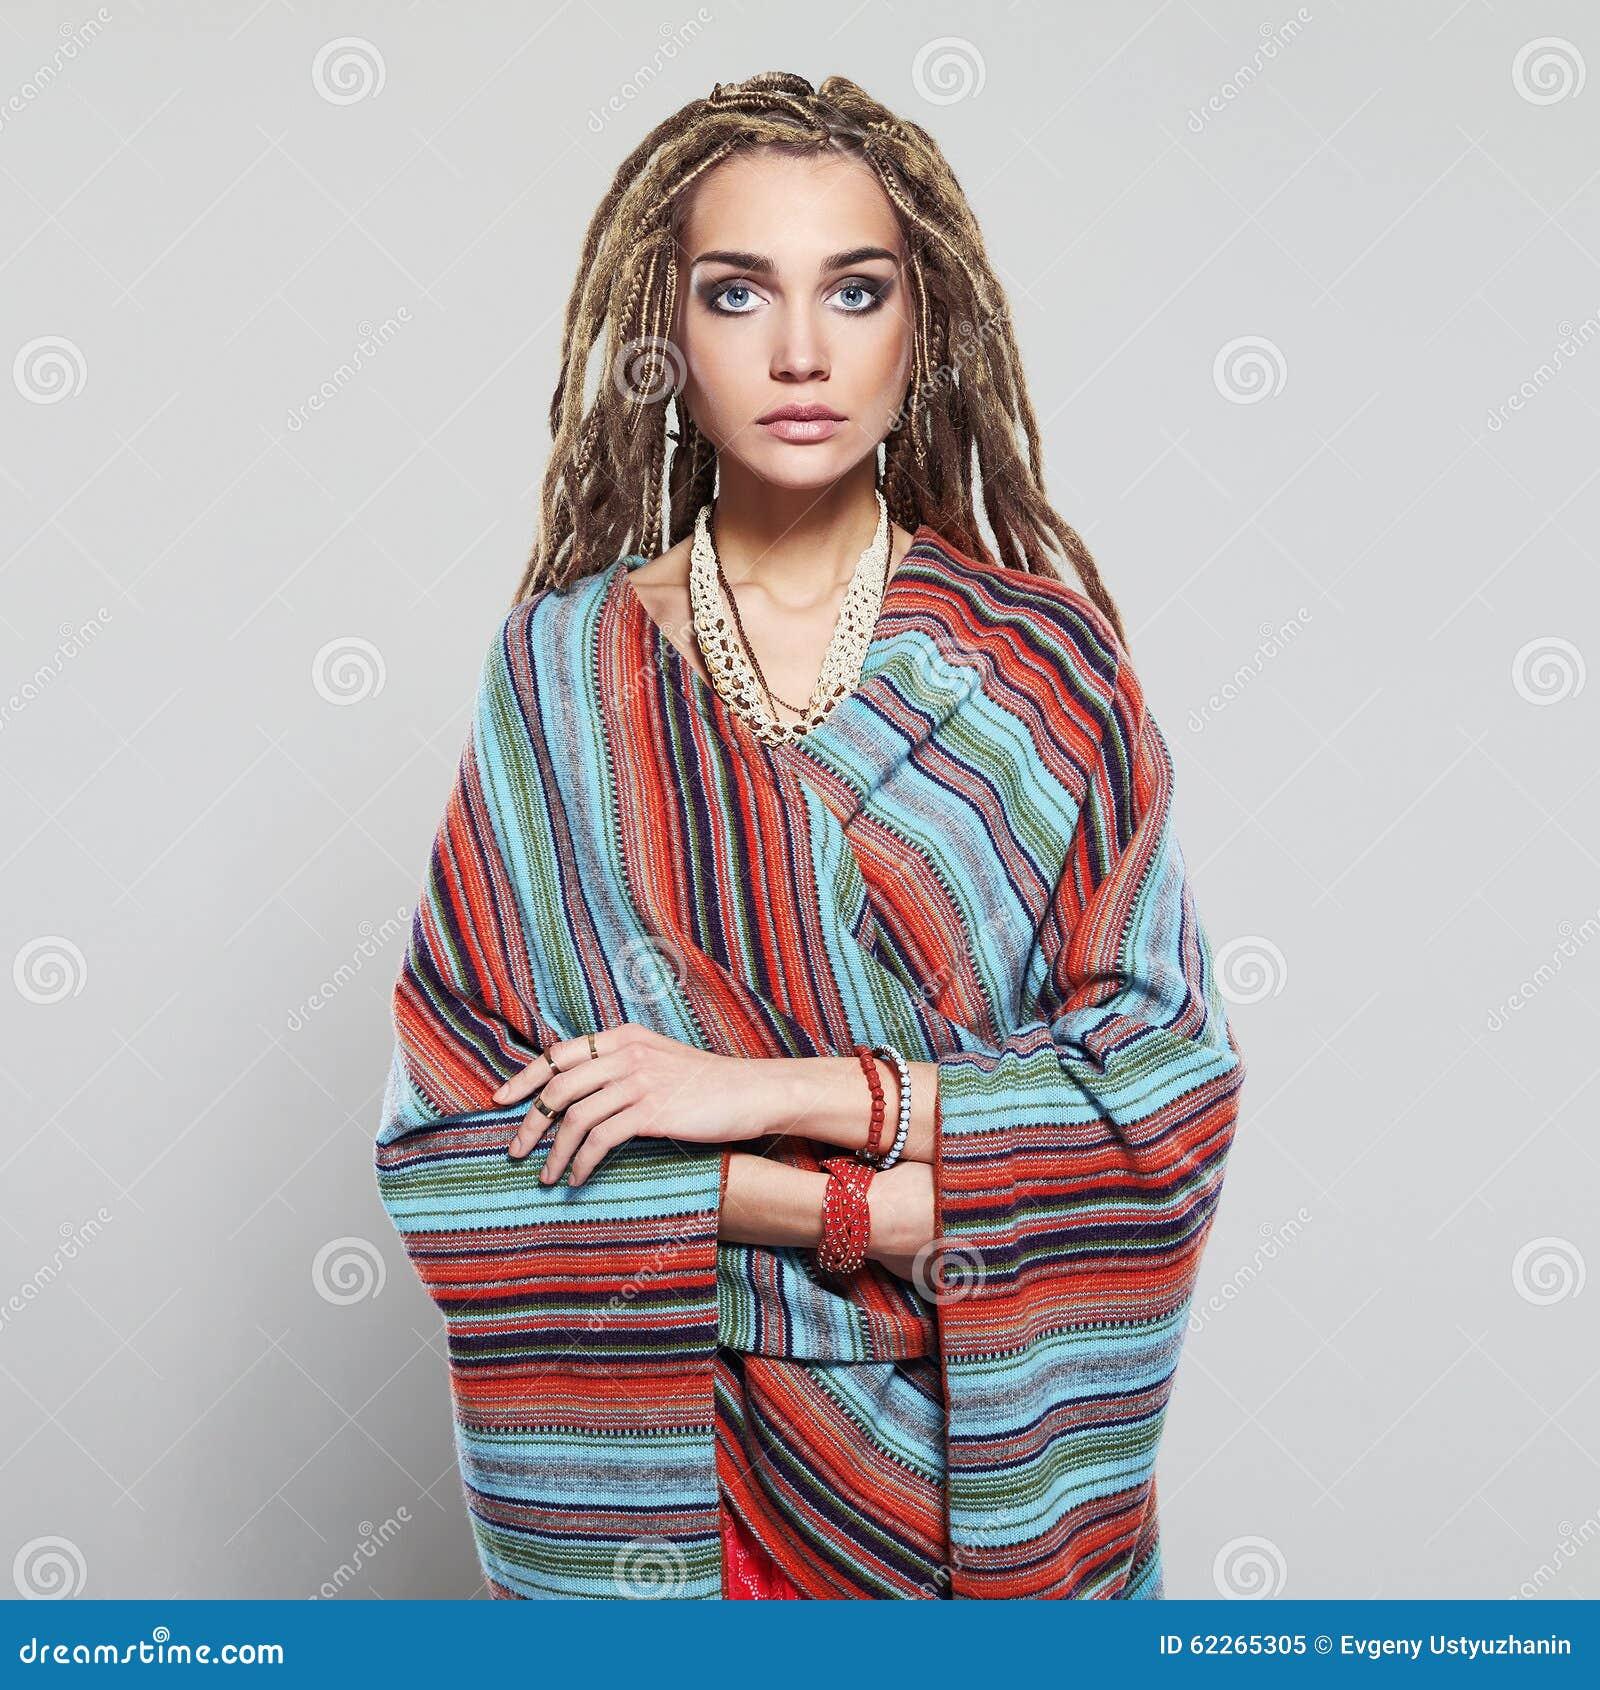 belle fille avec des dreadlocks jolie jeune femme avec la coiffure africaine de tresses hippie. Black Bedroom Furniture Sets. Home Design Ideas